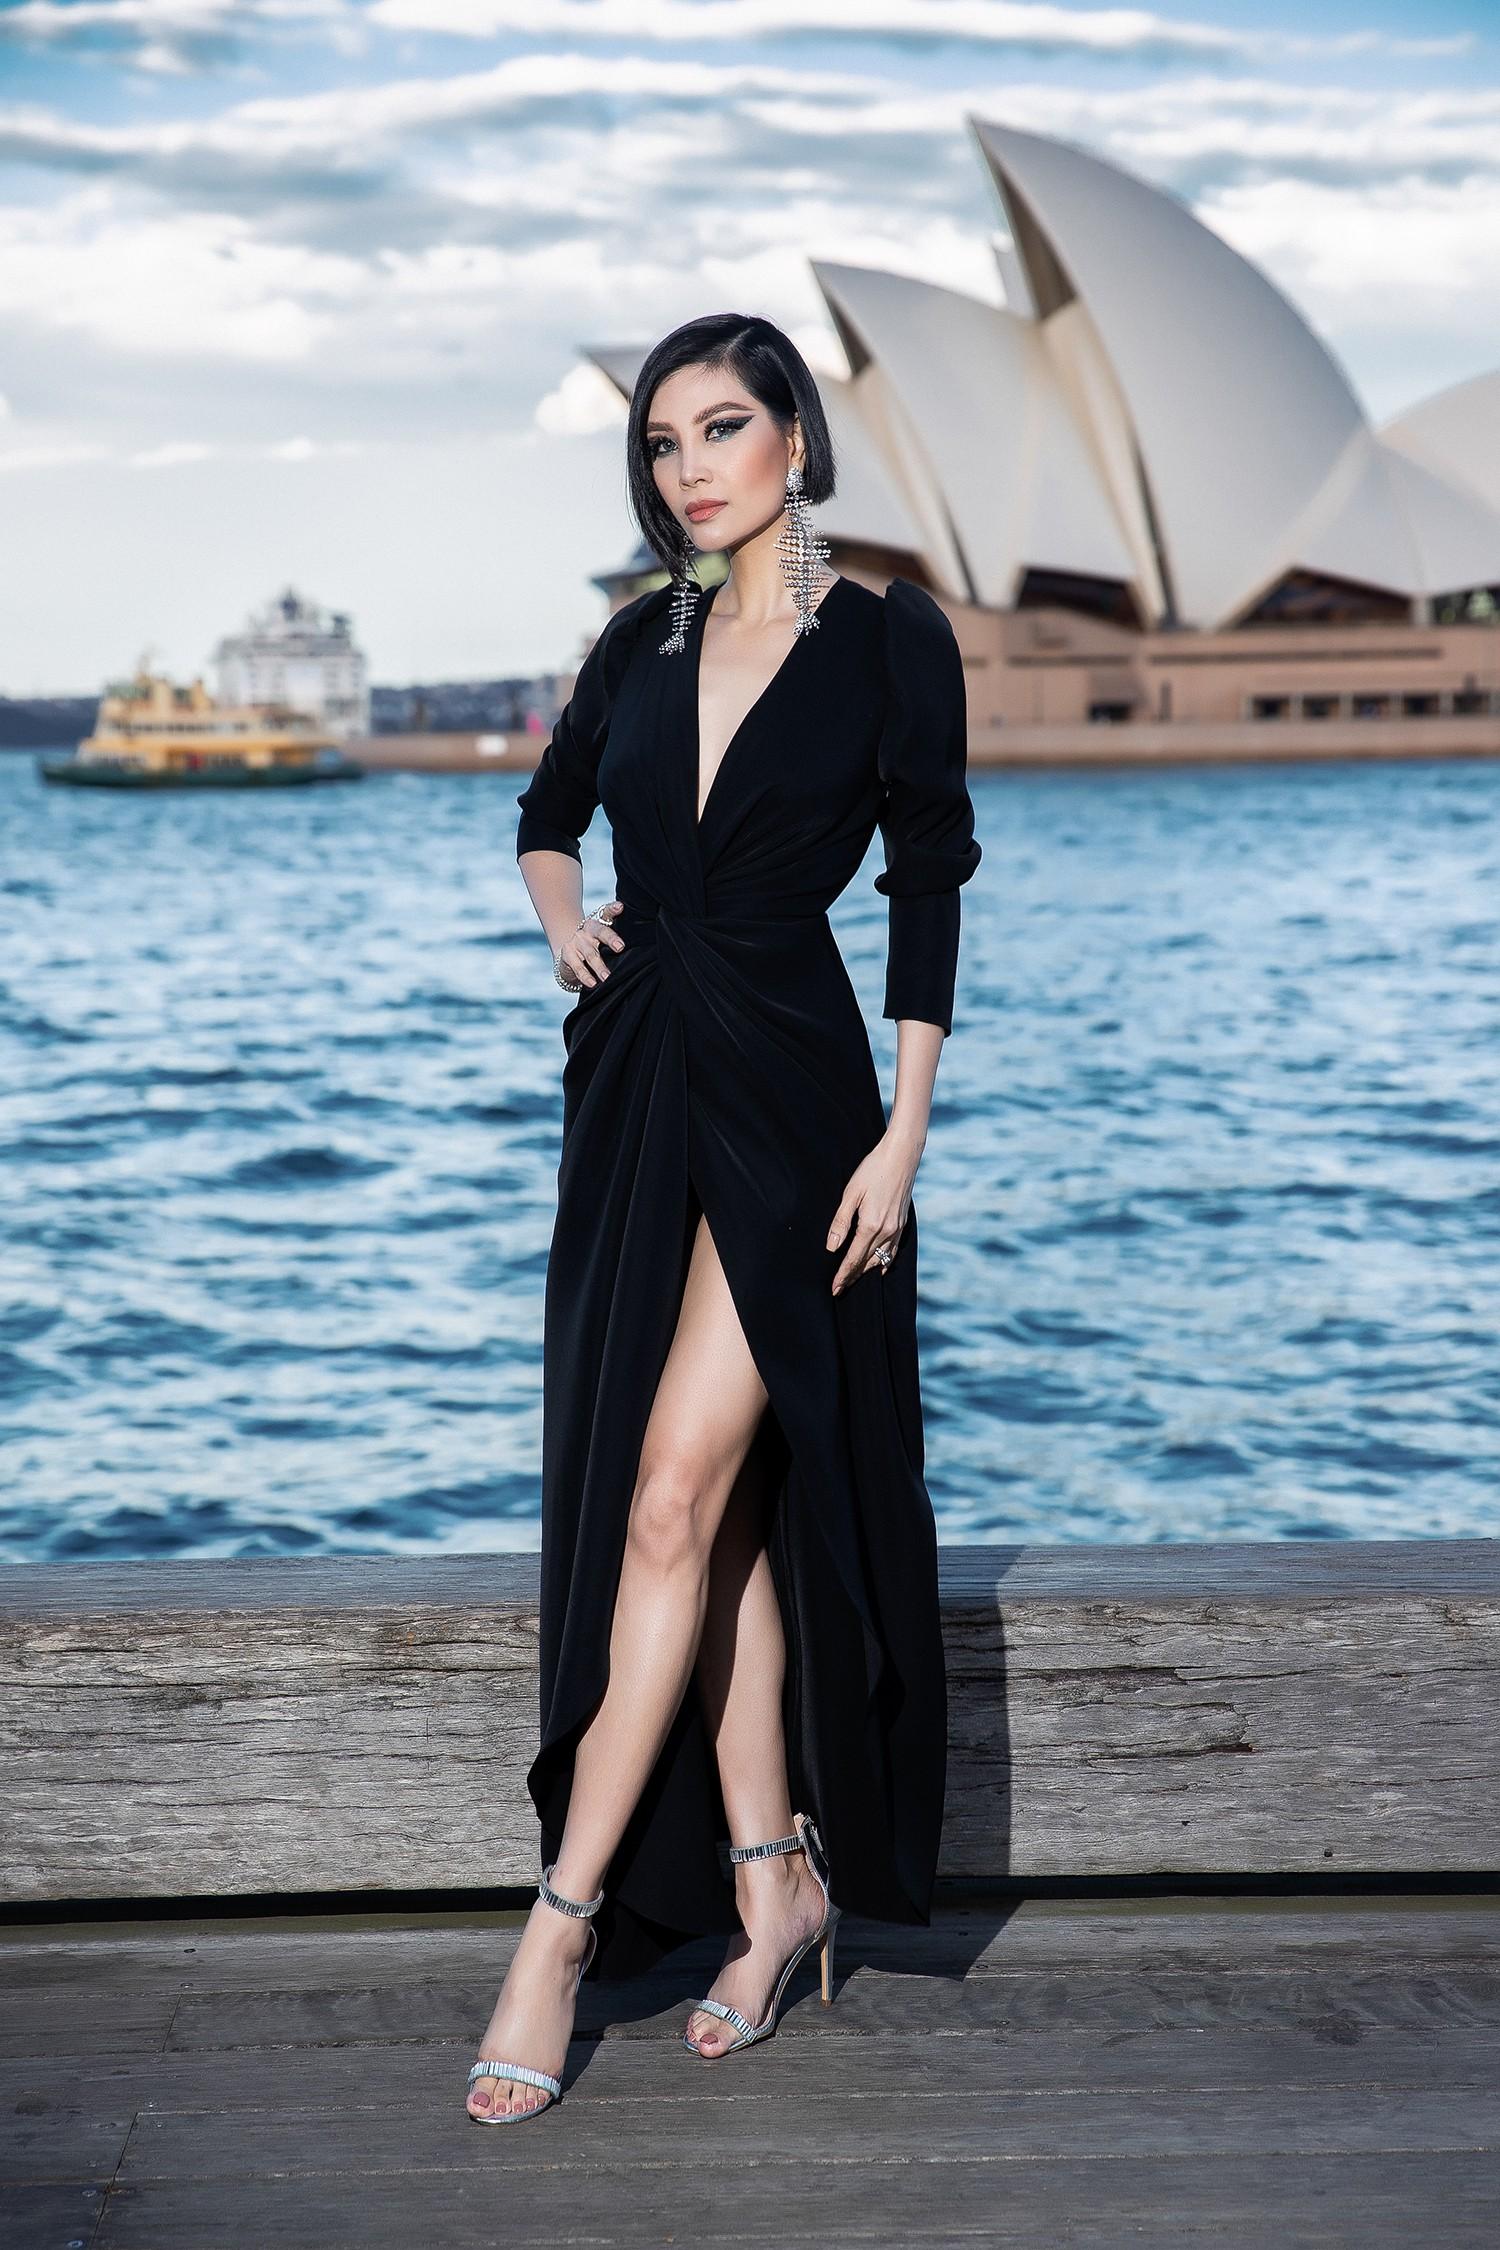 Show mới nhất của Đỗ Mạnh Cường tại Úc: Hà Tăng kín như bưng vẫn đẹp ngút trời, Mỹ Linh và Tiểu Vy trông đều khác lạ - Ảnh 17.